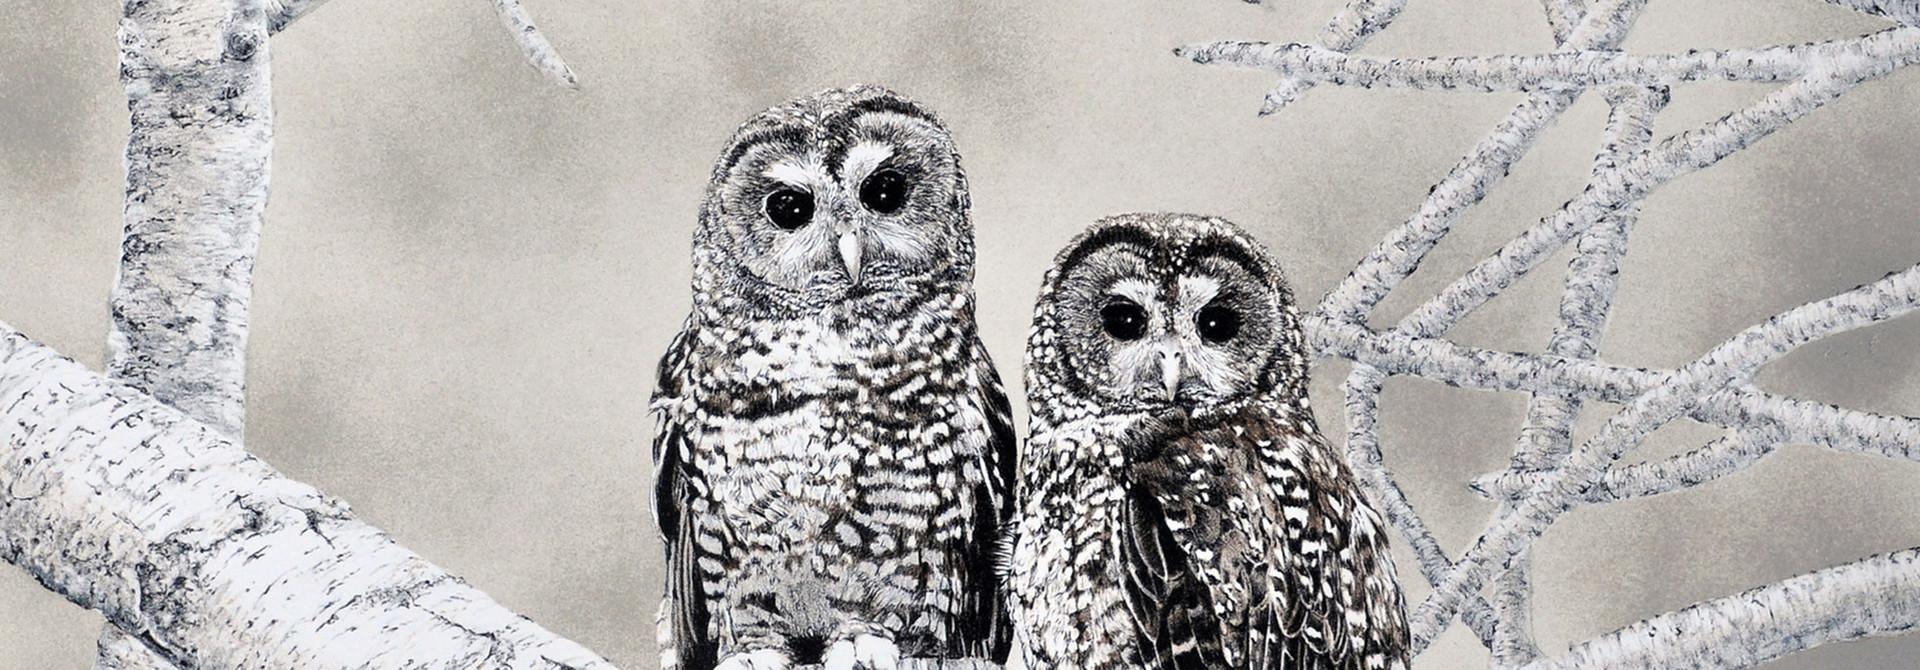 Spotted Owls (framed)